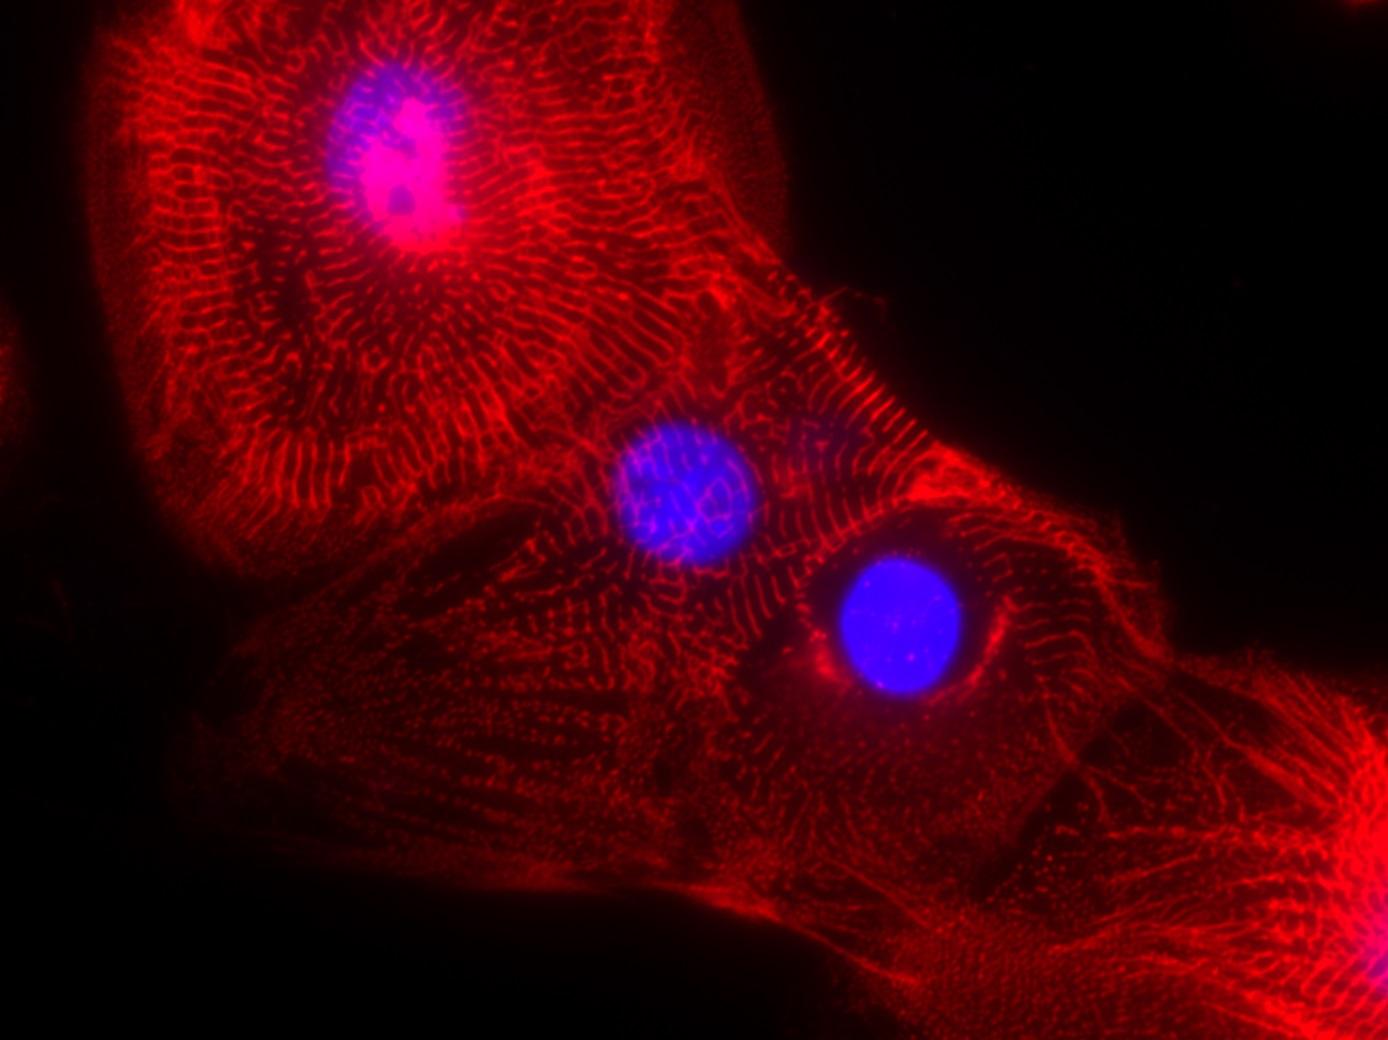 人干细胞来源心肌细胞  埃泽思生物